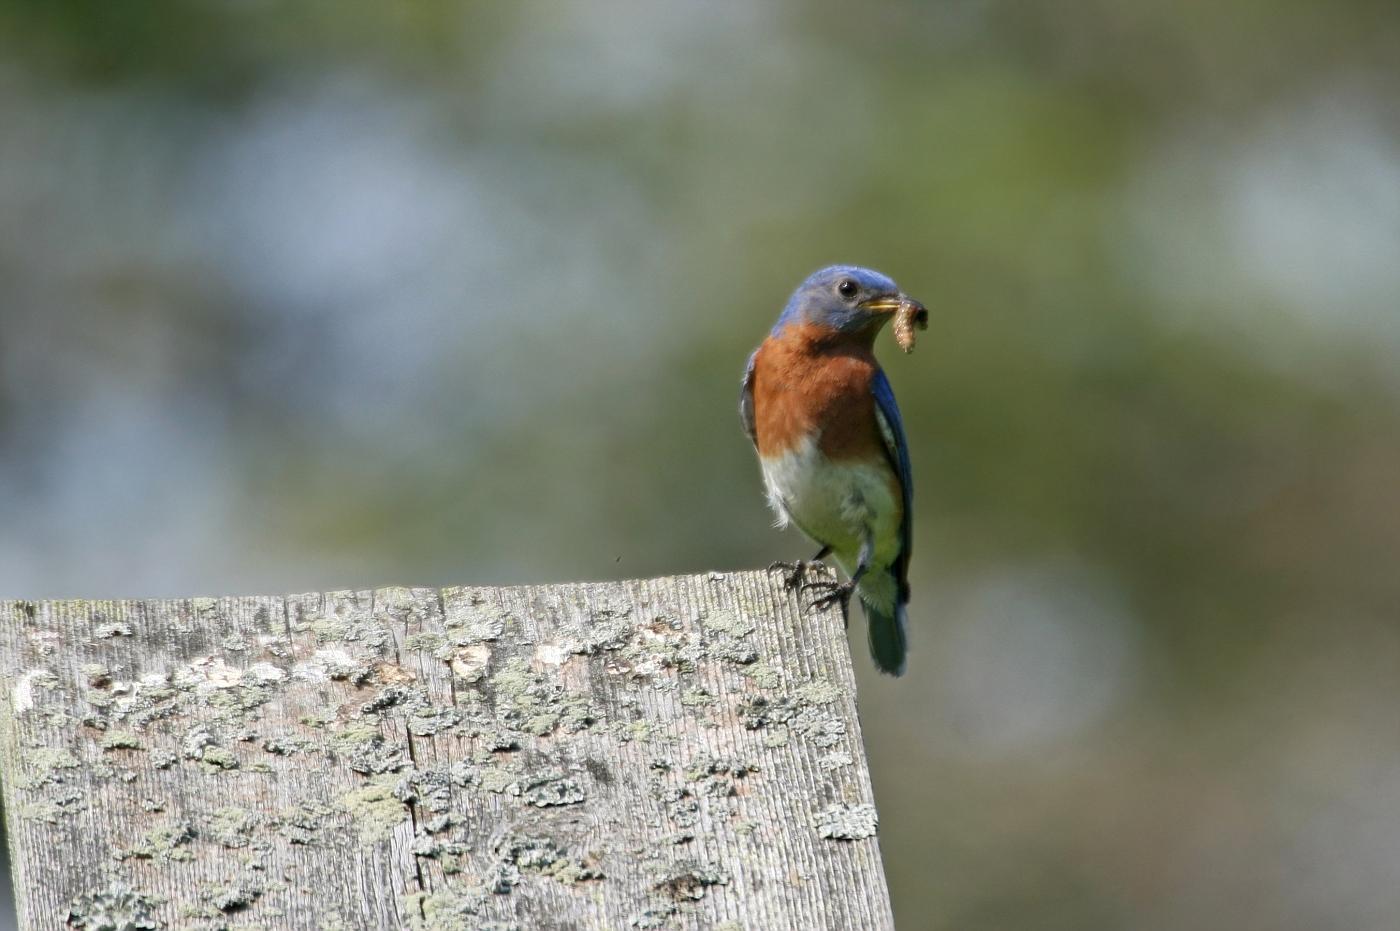 Male Bluebird #7